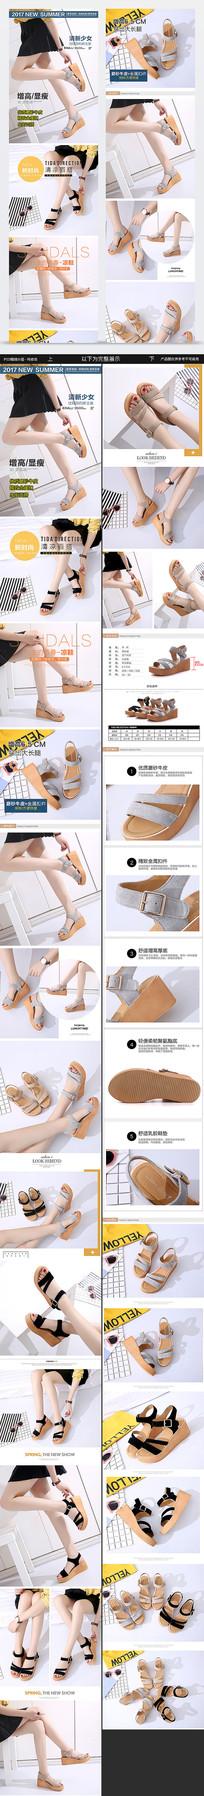 淘宝夏季凉鞋详情页PSD模版